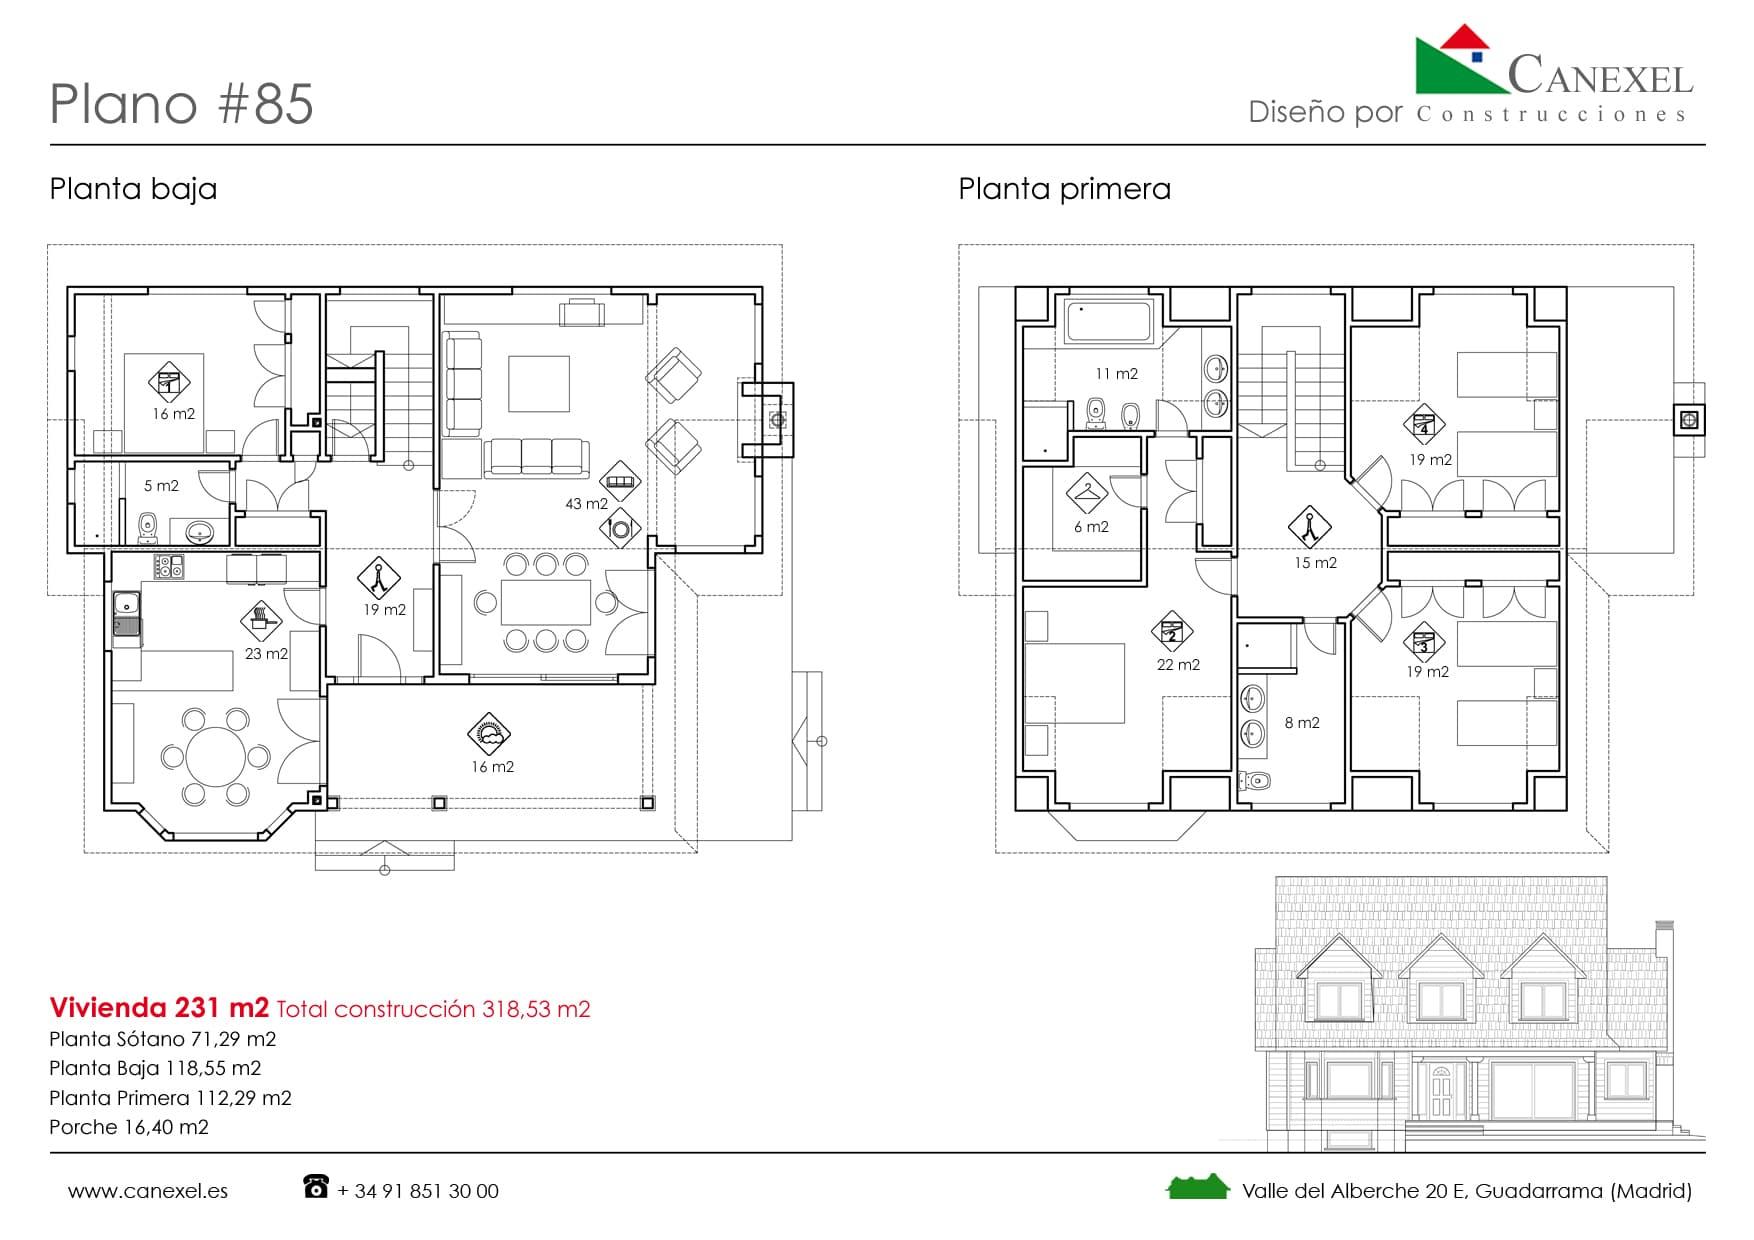 Planos de casas americanas canexel for Planos de casas americanas